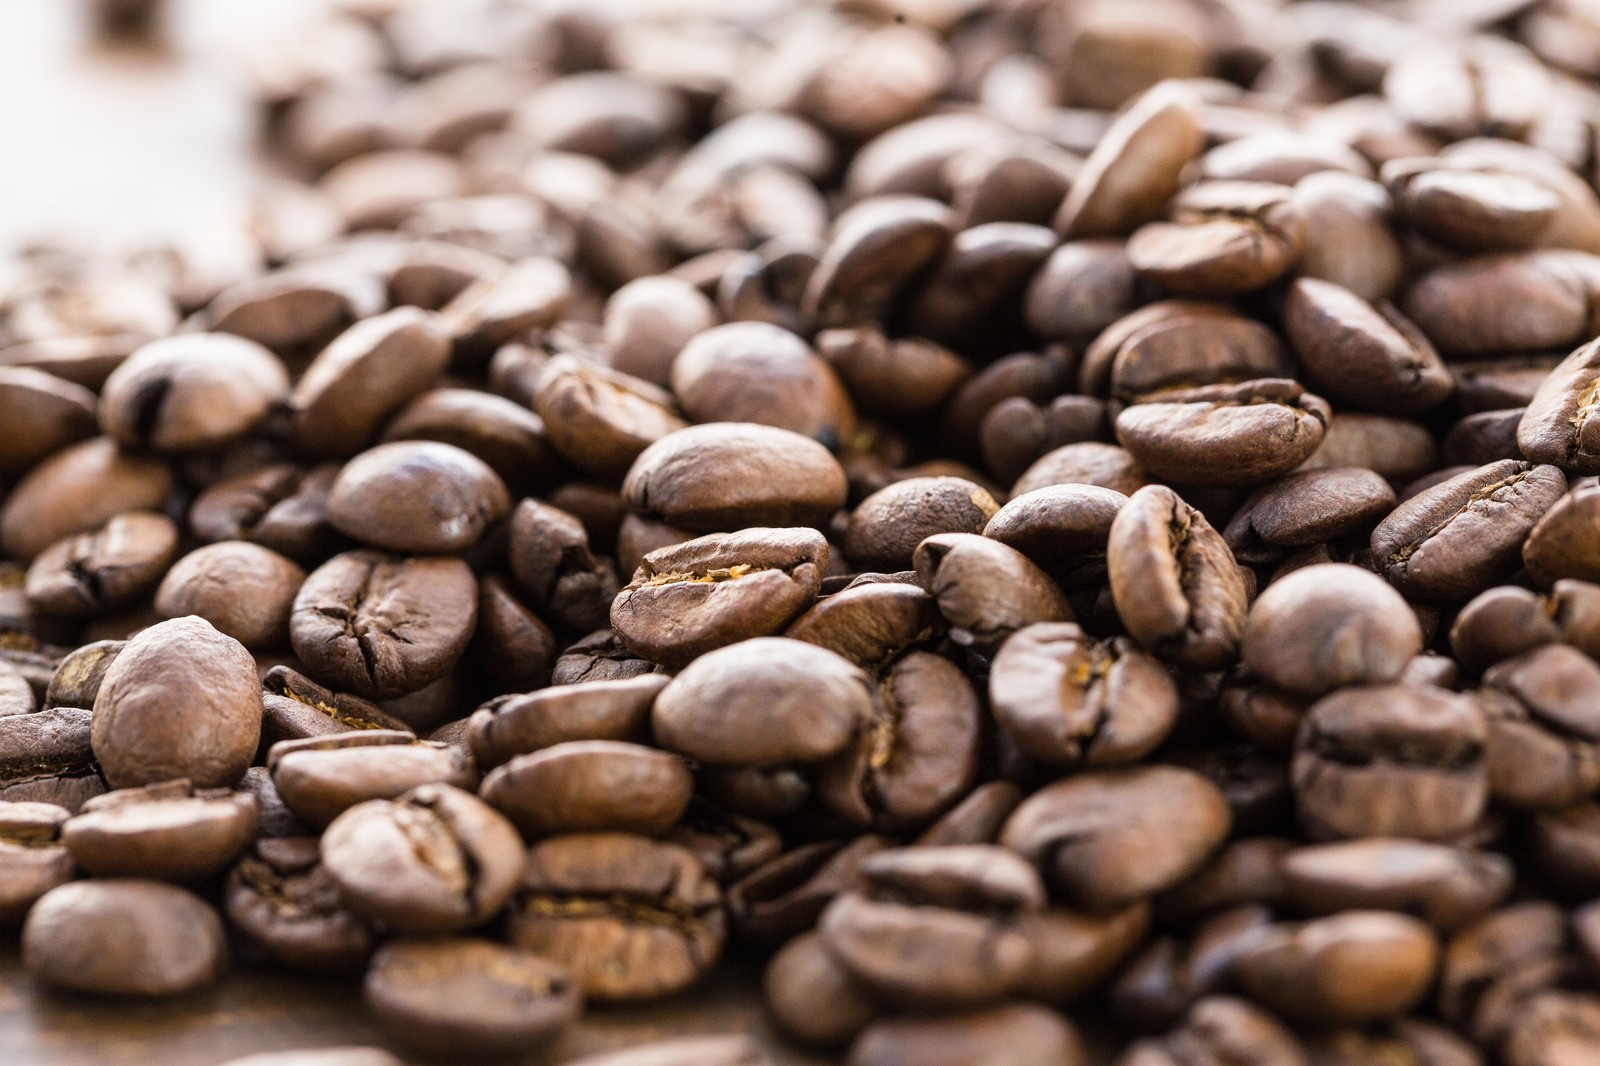 「浅煎りの珈琲豆浅煎りの珈琲豆」のフリー写真素材を拡大